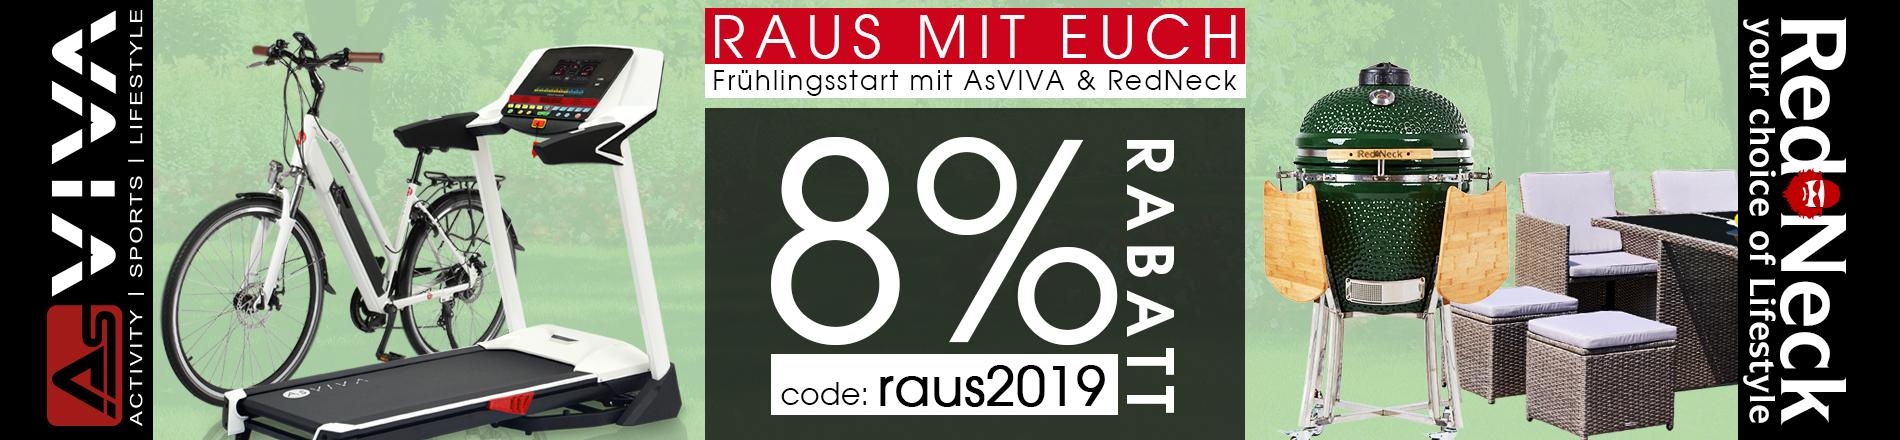 Frühlings-Rabatt 8% Gutschein für Fitnessgeräte, E-Bikes, Keramikgrills und Gartenmöbel im AsVIVA Online Shop